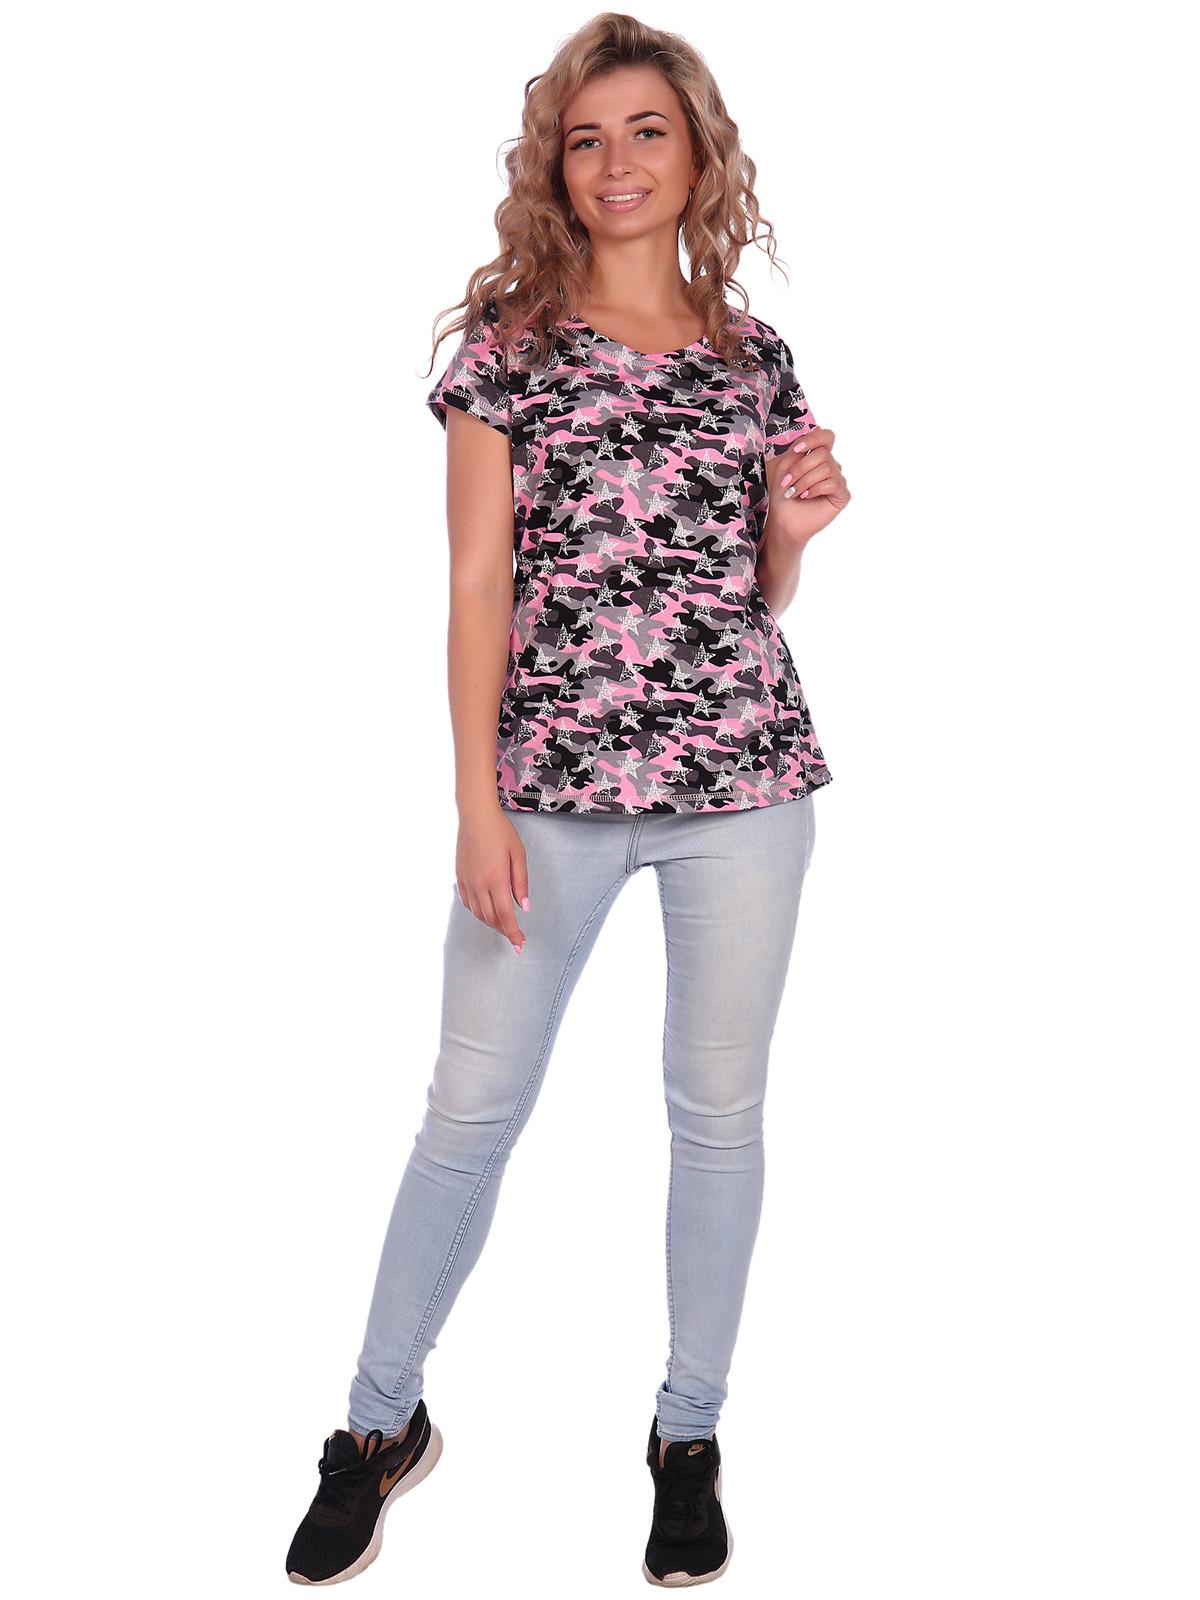 Жен. футболка арт. 16-0578 Розовый р. 44 фото